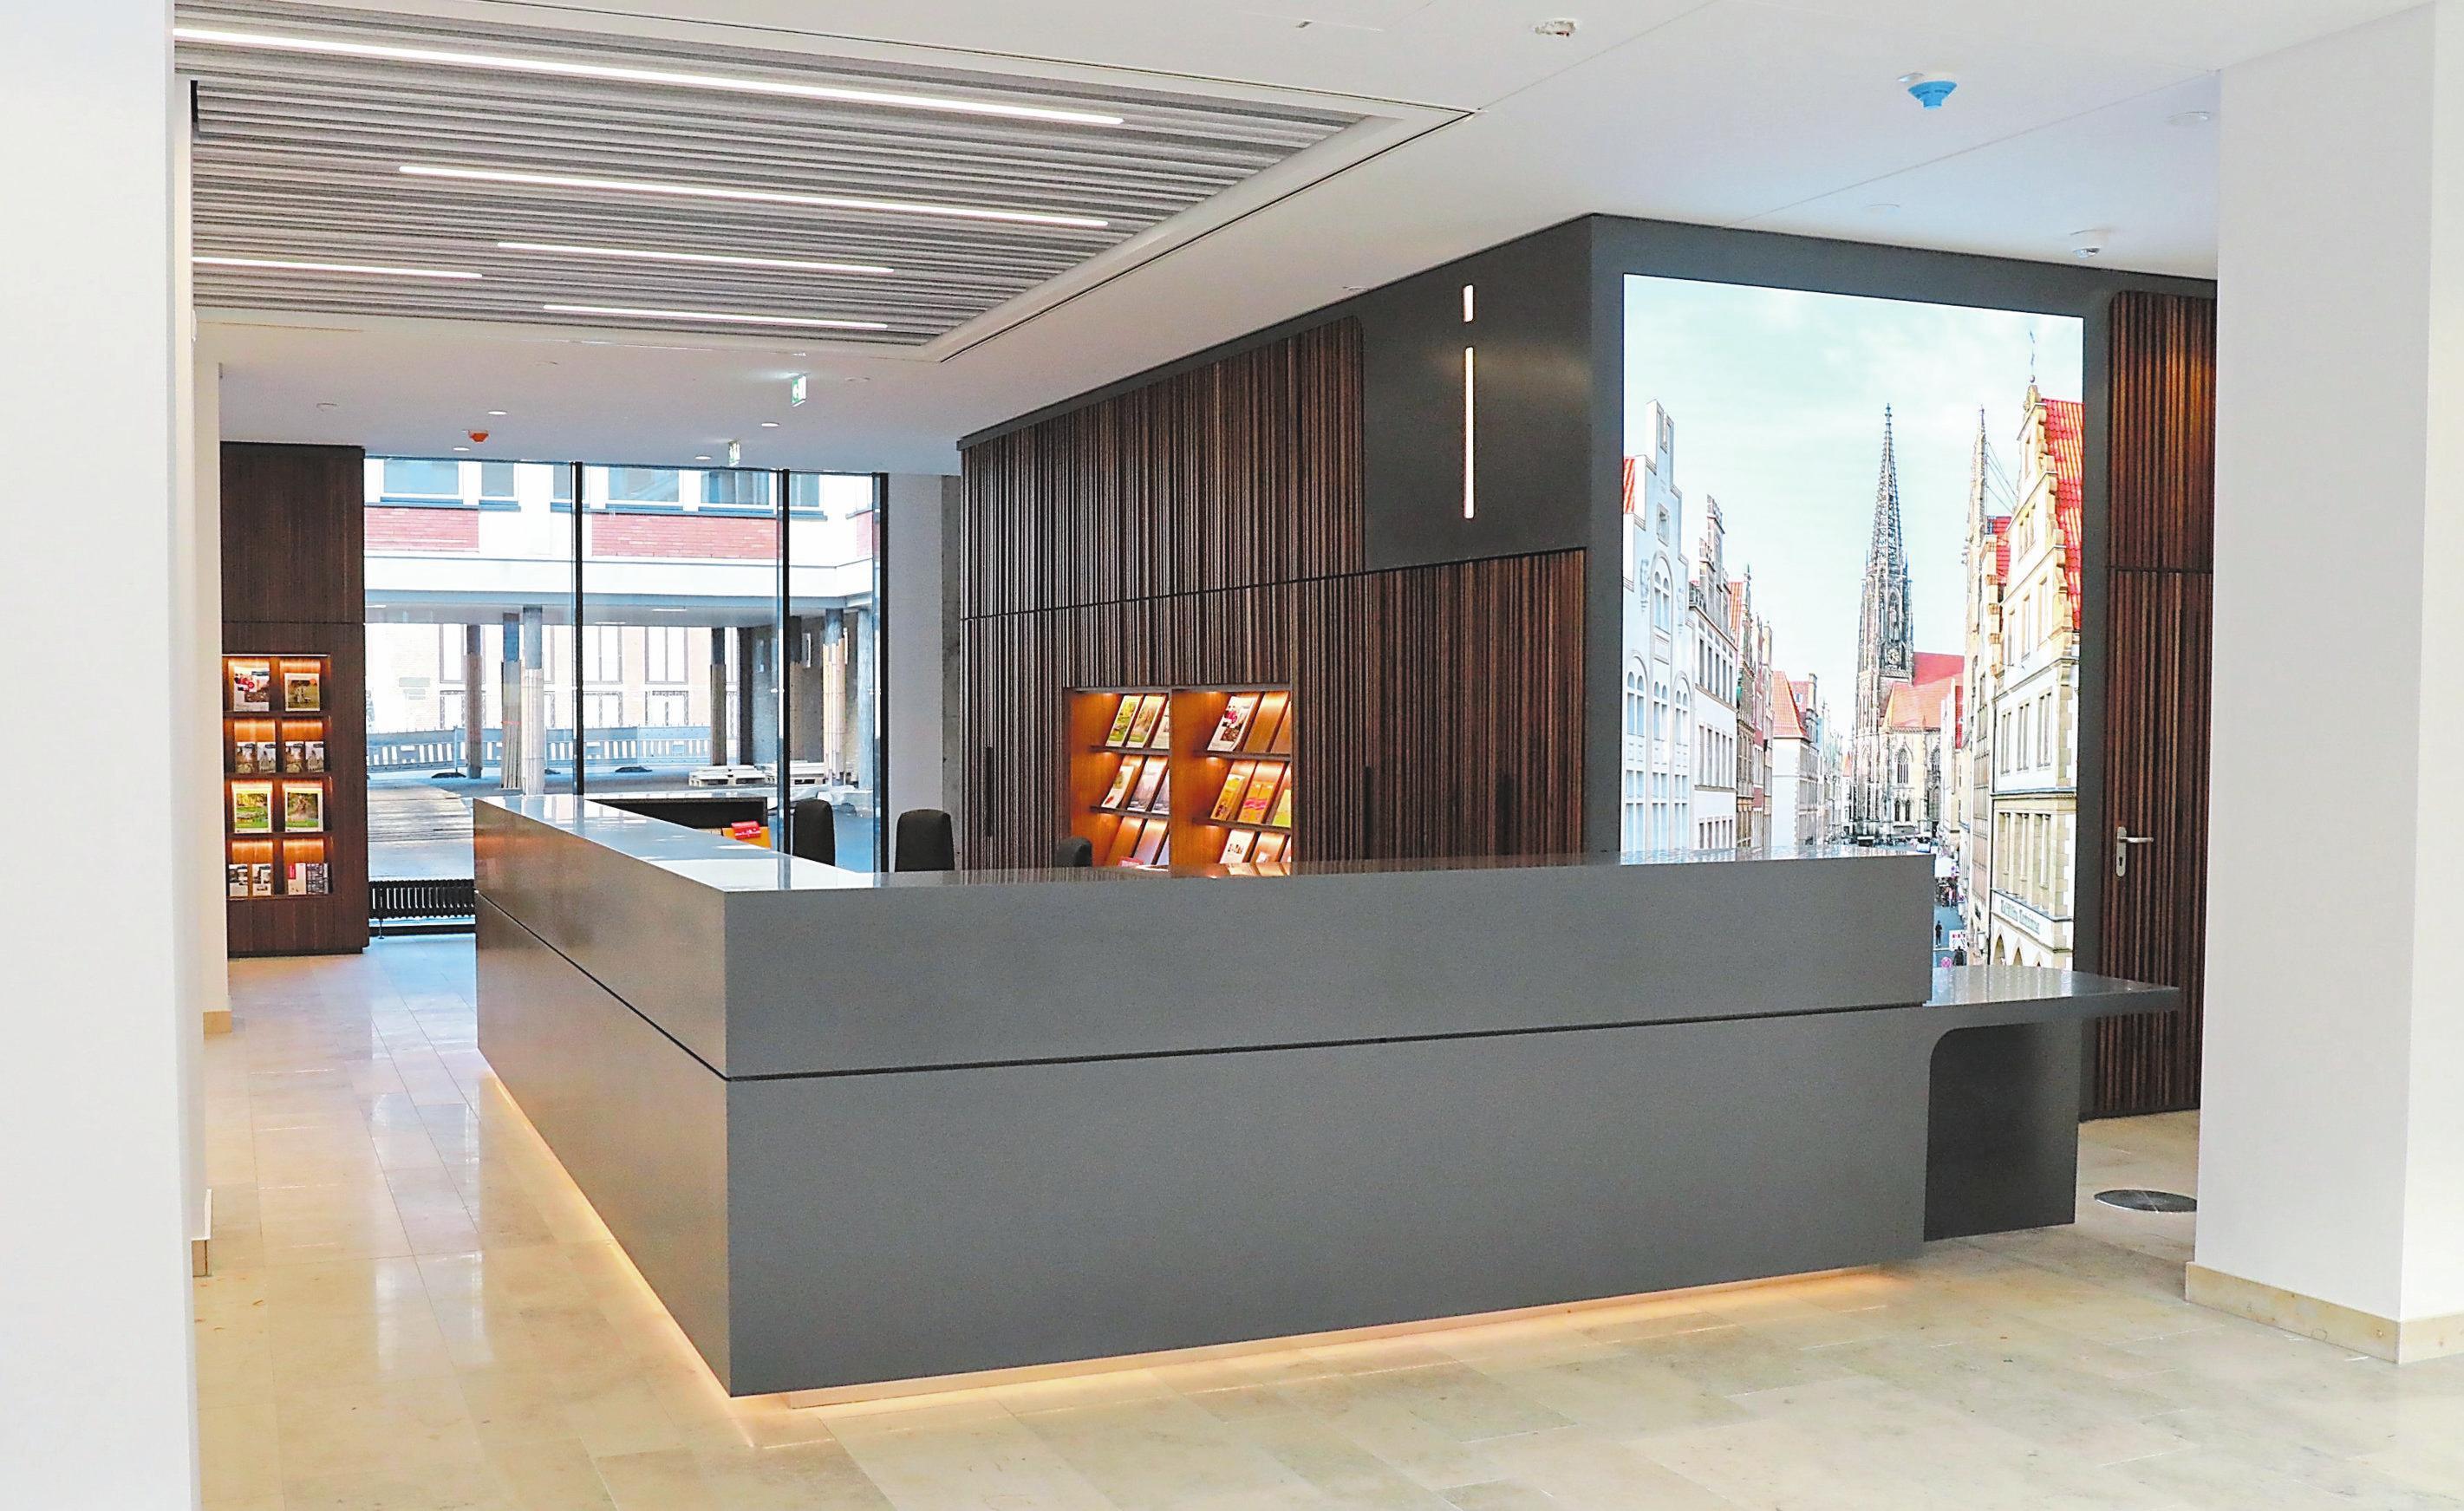 """Münster Information"""" im Foyer: Die große Medienwand zeigt saisonal passende Münster-Motive in strahlenden Farben."""